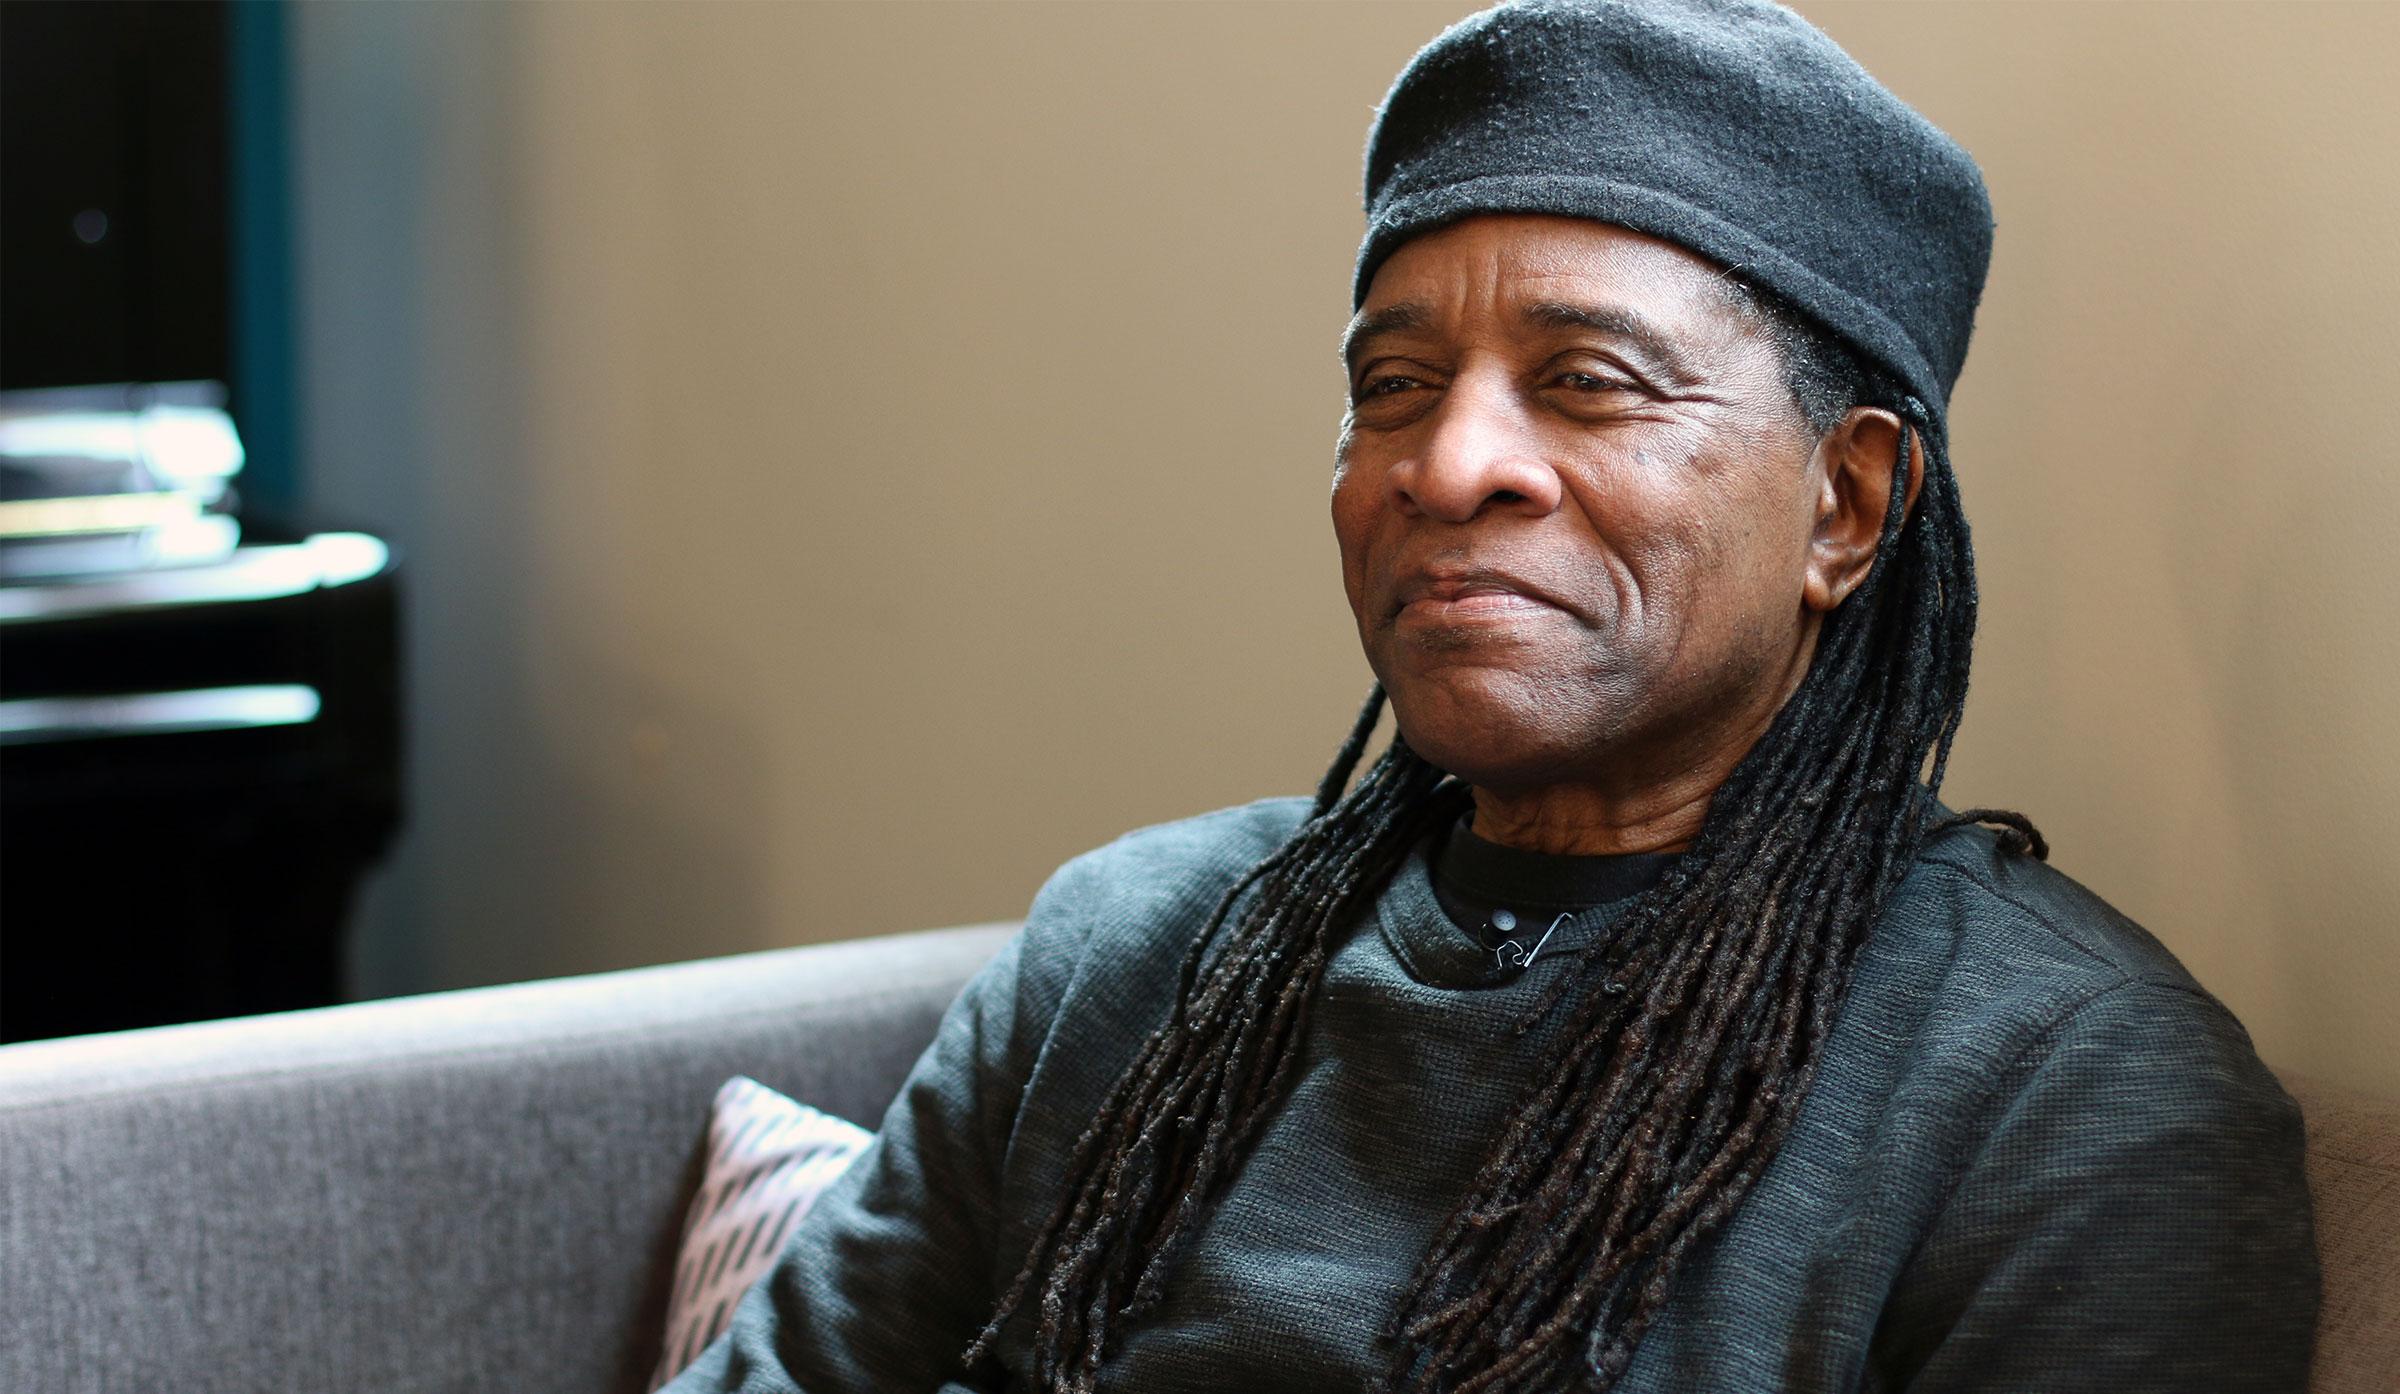 A BIPOC man with dreads, a dark shirt, and dark cap